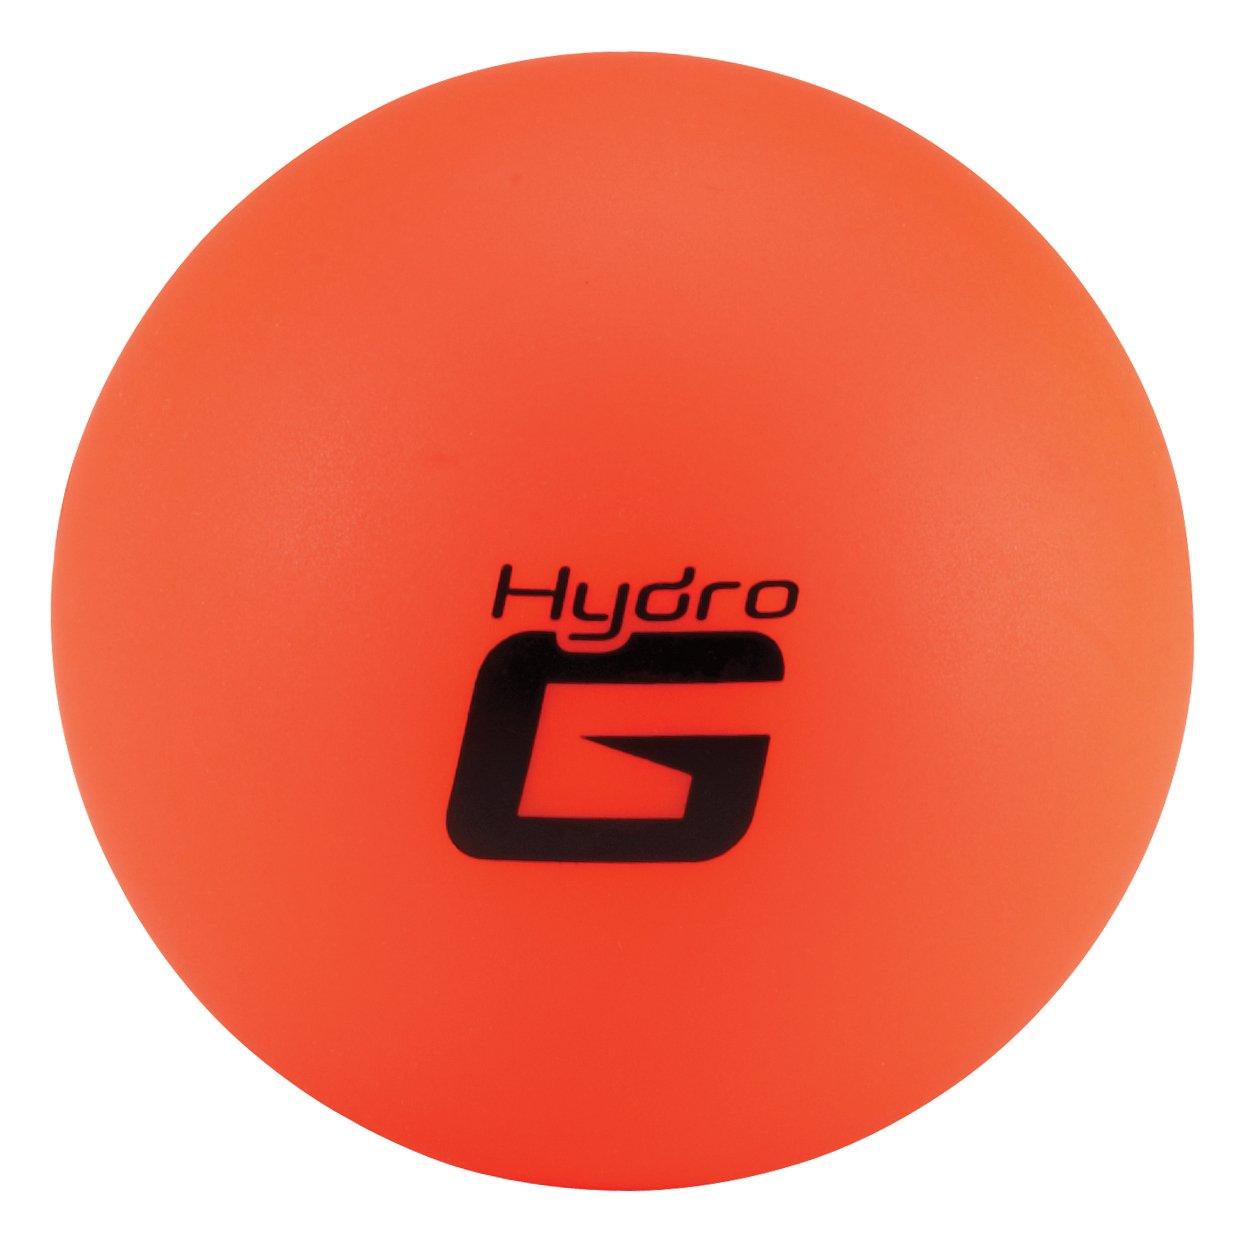 Bauer hydrog bola, rosa 1048163